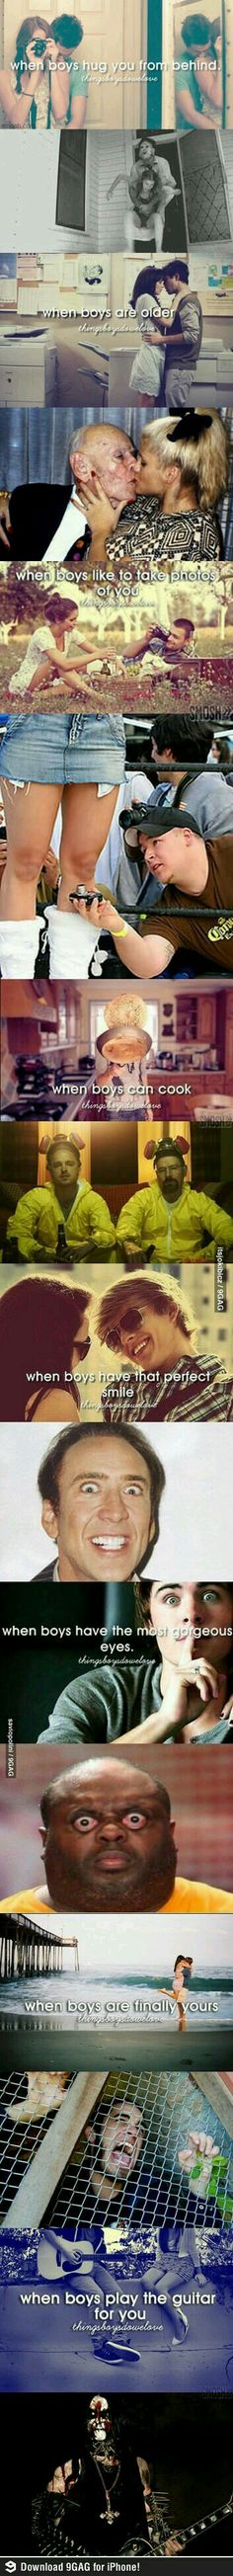 When Boys...